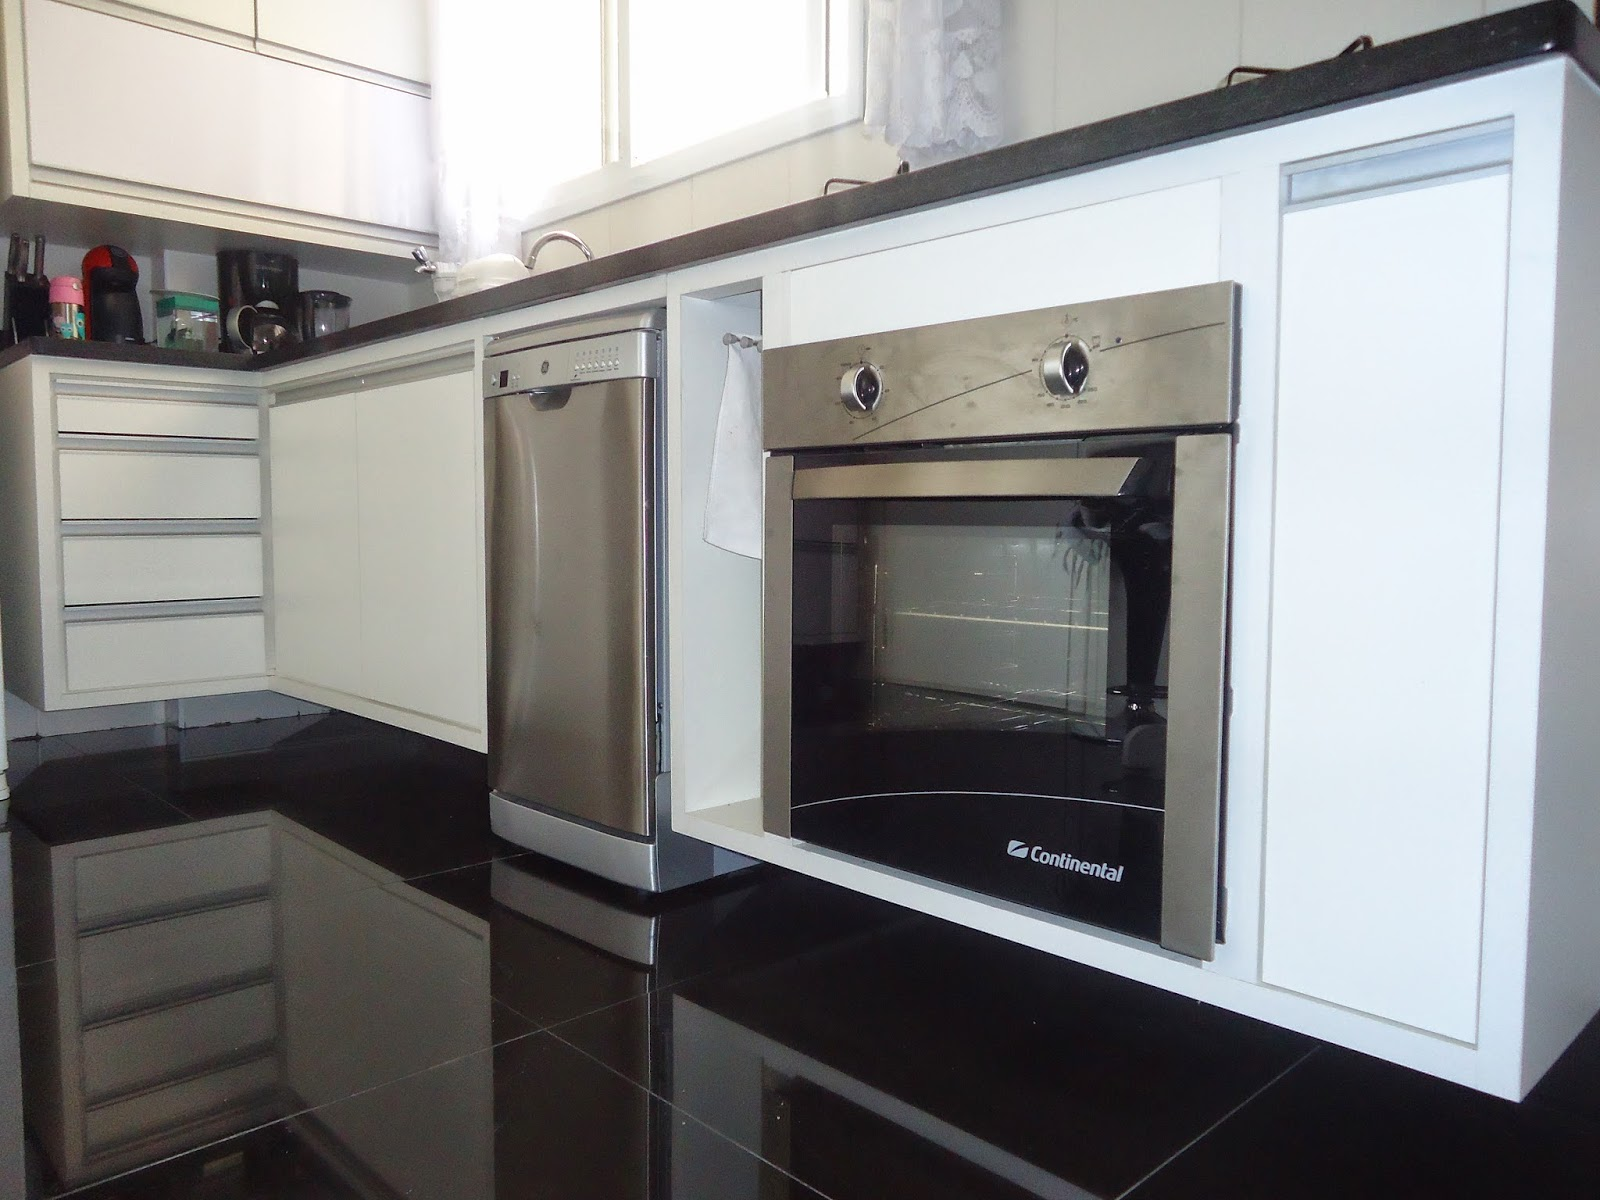 armário para lava louças e forno #576574 1600 1200